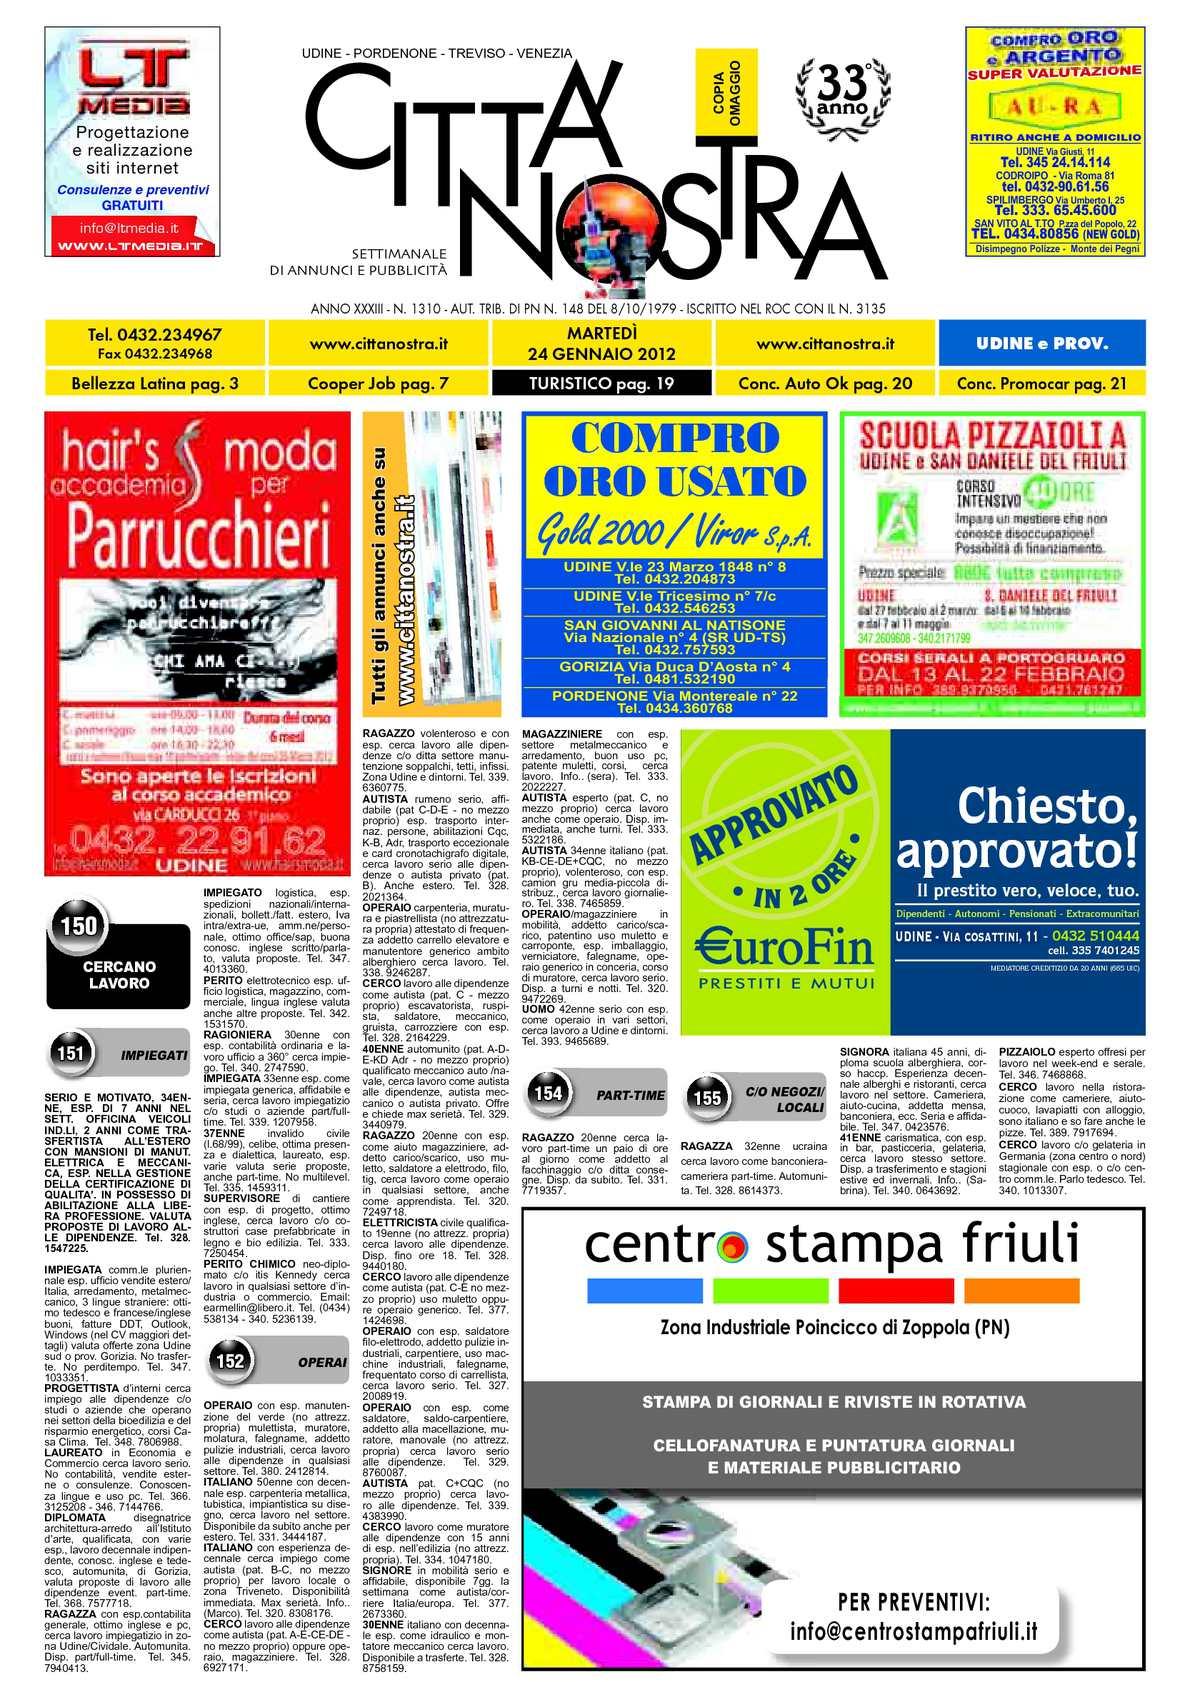 Calaméo - Città Nostra Udine del 24.01.2012 n. 1310 6d7805a829a